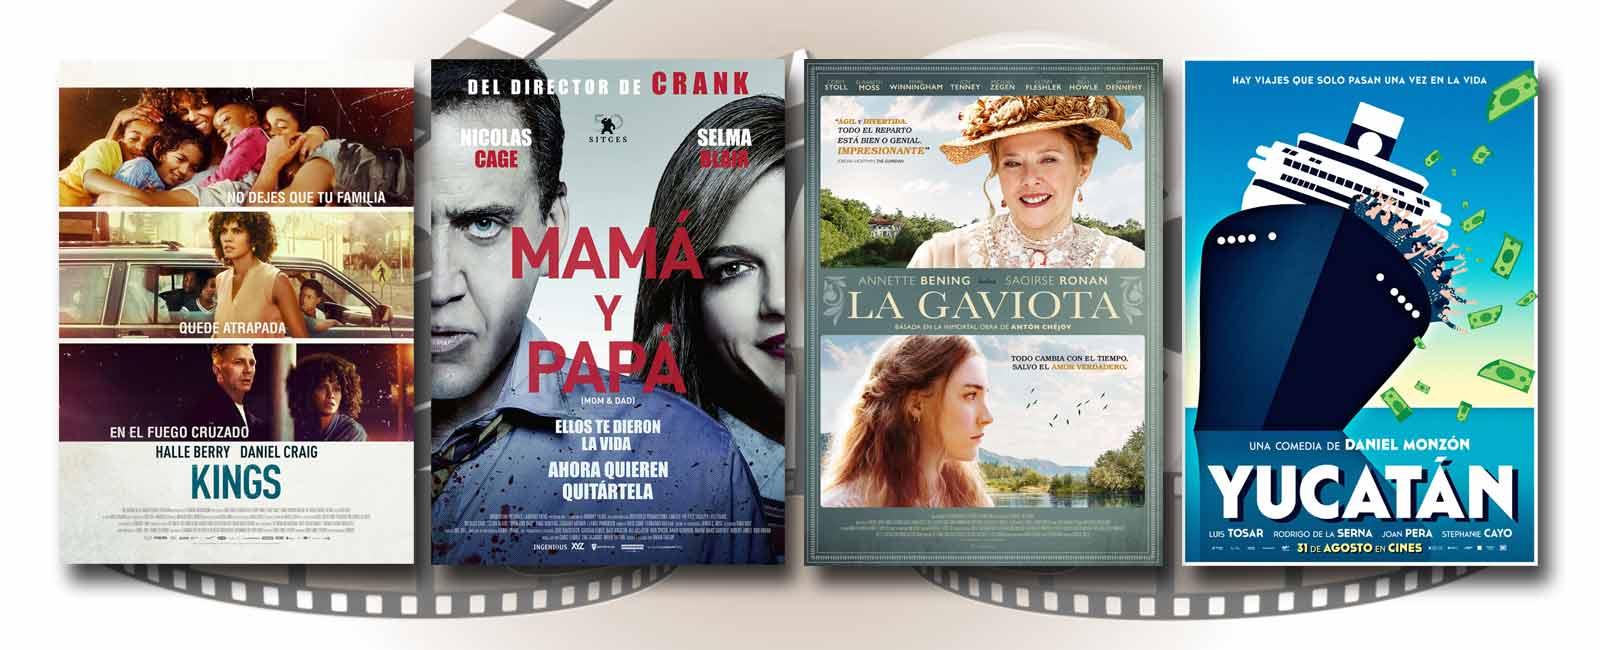 Estrenos de Cine de la Semana… 31 de Agosto 2018